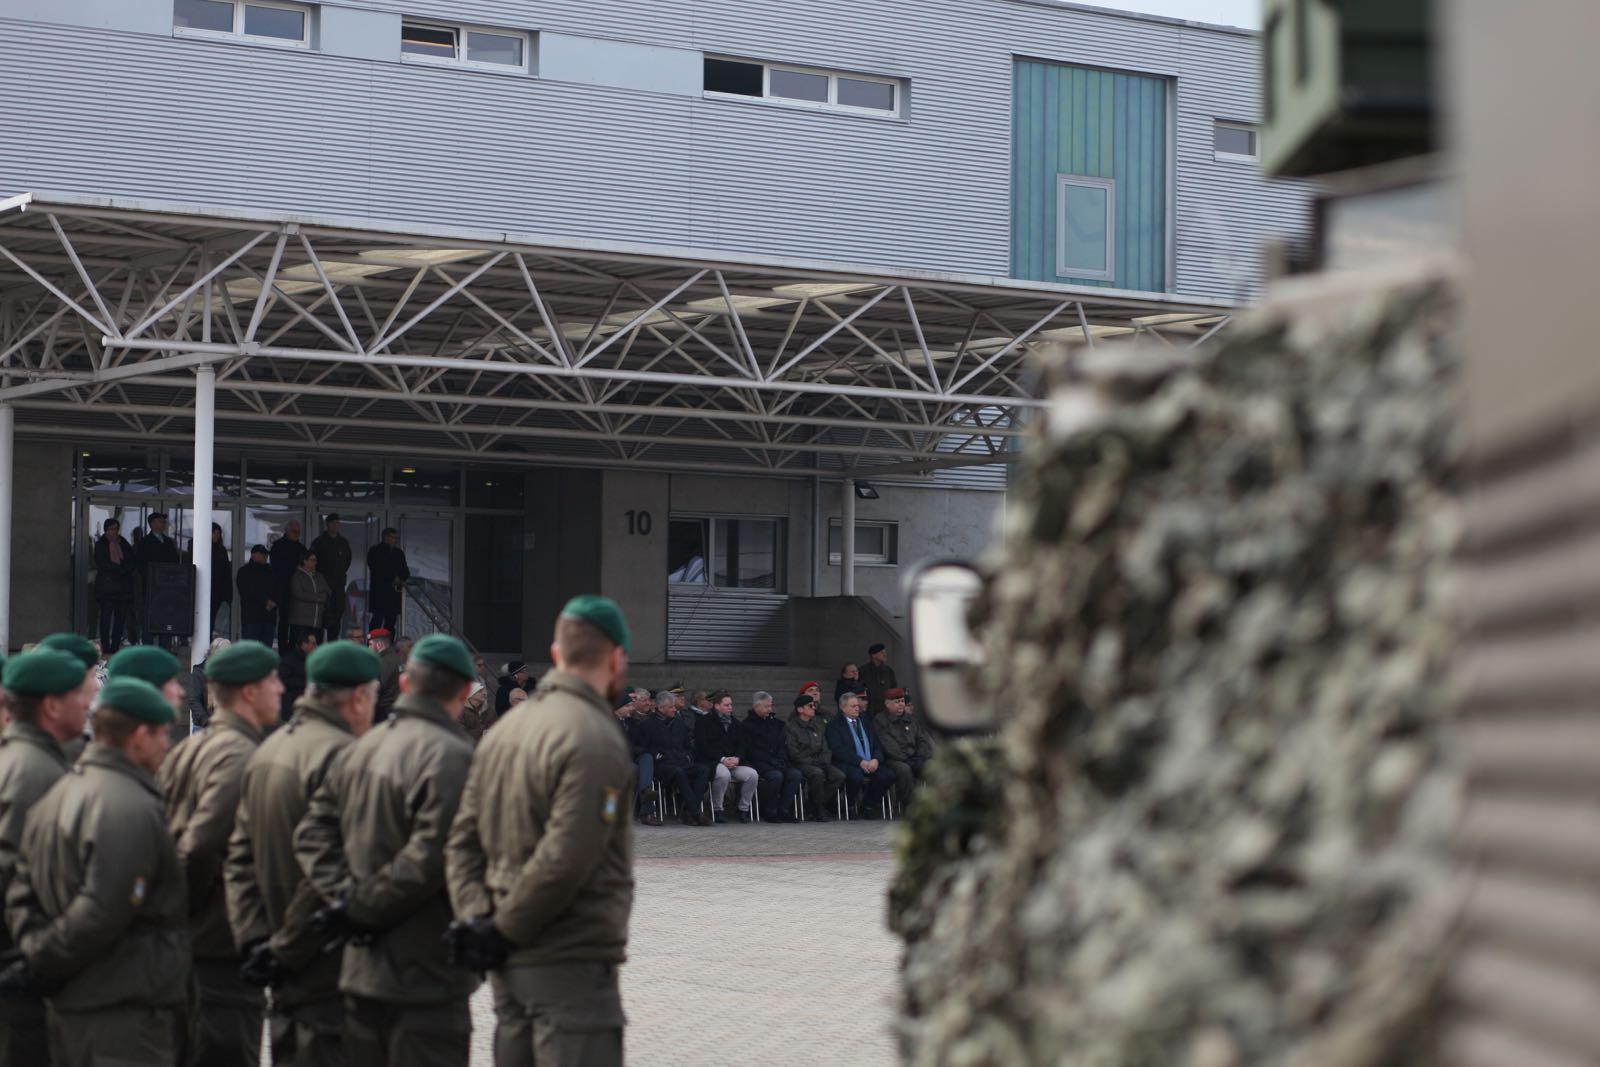 2019_02_08_5Gardekompanie_KPE_EUFOR30_Verabschiedung - 41 of 61